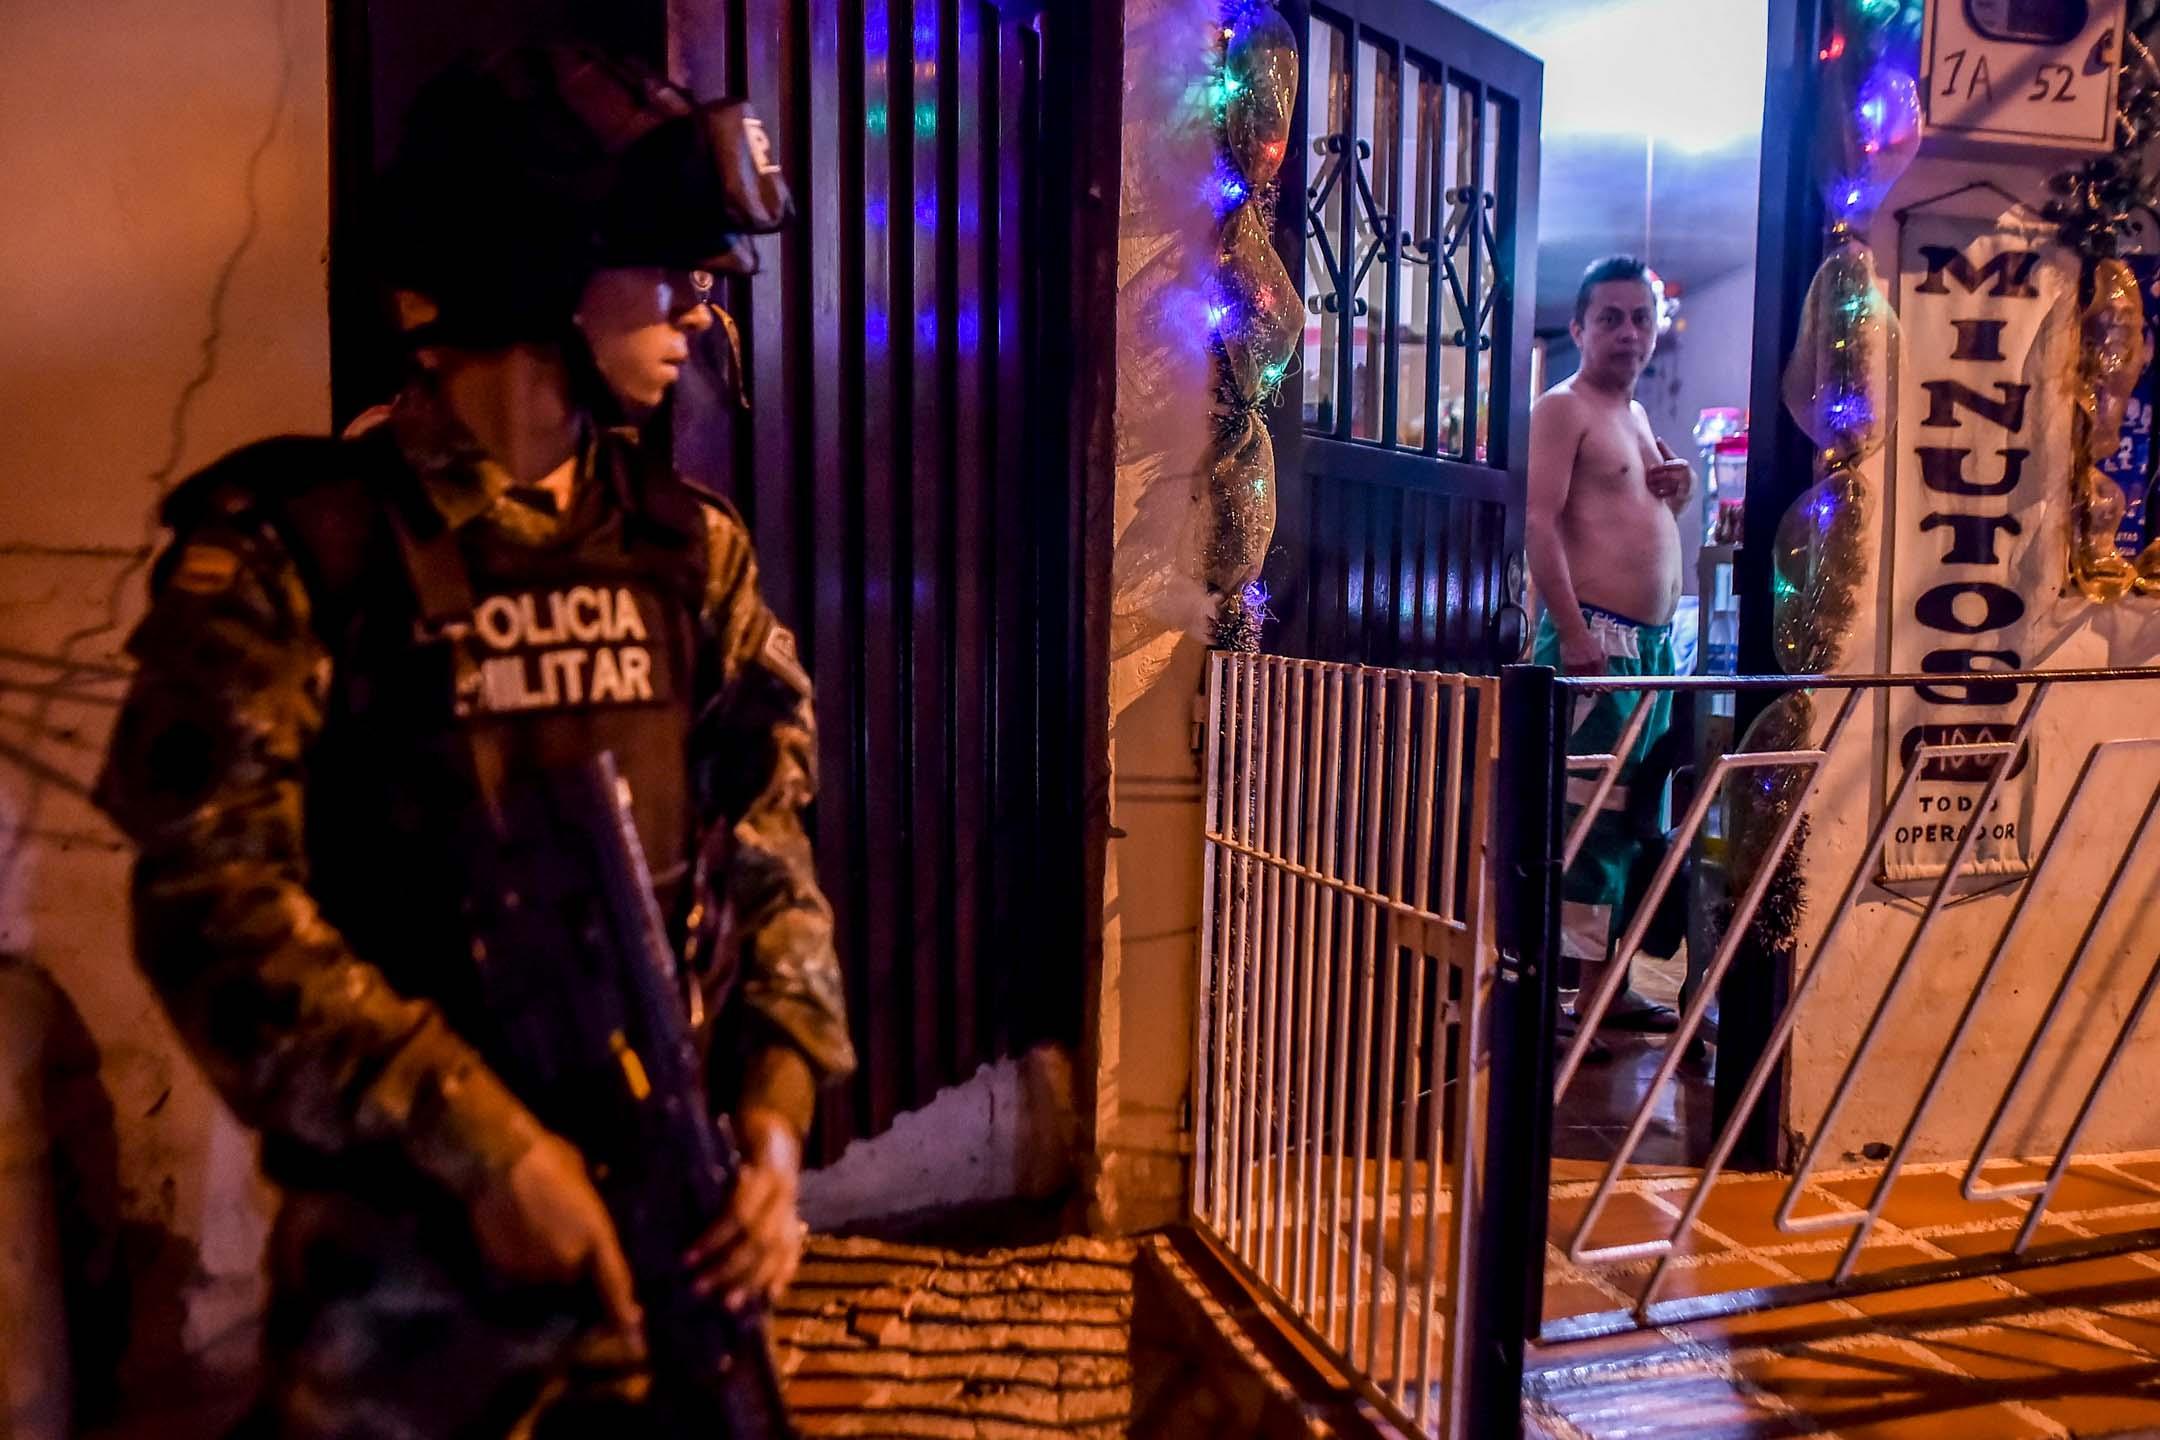 卡利(Santiago de Cali),哥倫比亞的第三大城市,也是世界上最兇殘的地方之一,有240萬人口的卡利,每10萬人中(每年)就大約有40人被殺。圖為2017年12月13日,一名哥倫比亞士兵在卡利巡邏。 攝:Luis Robayo/AFP/Getty Images